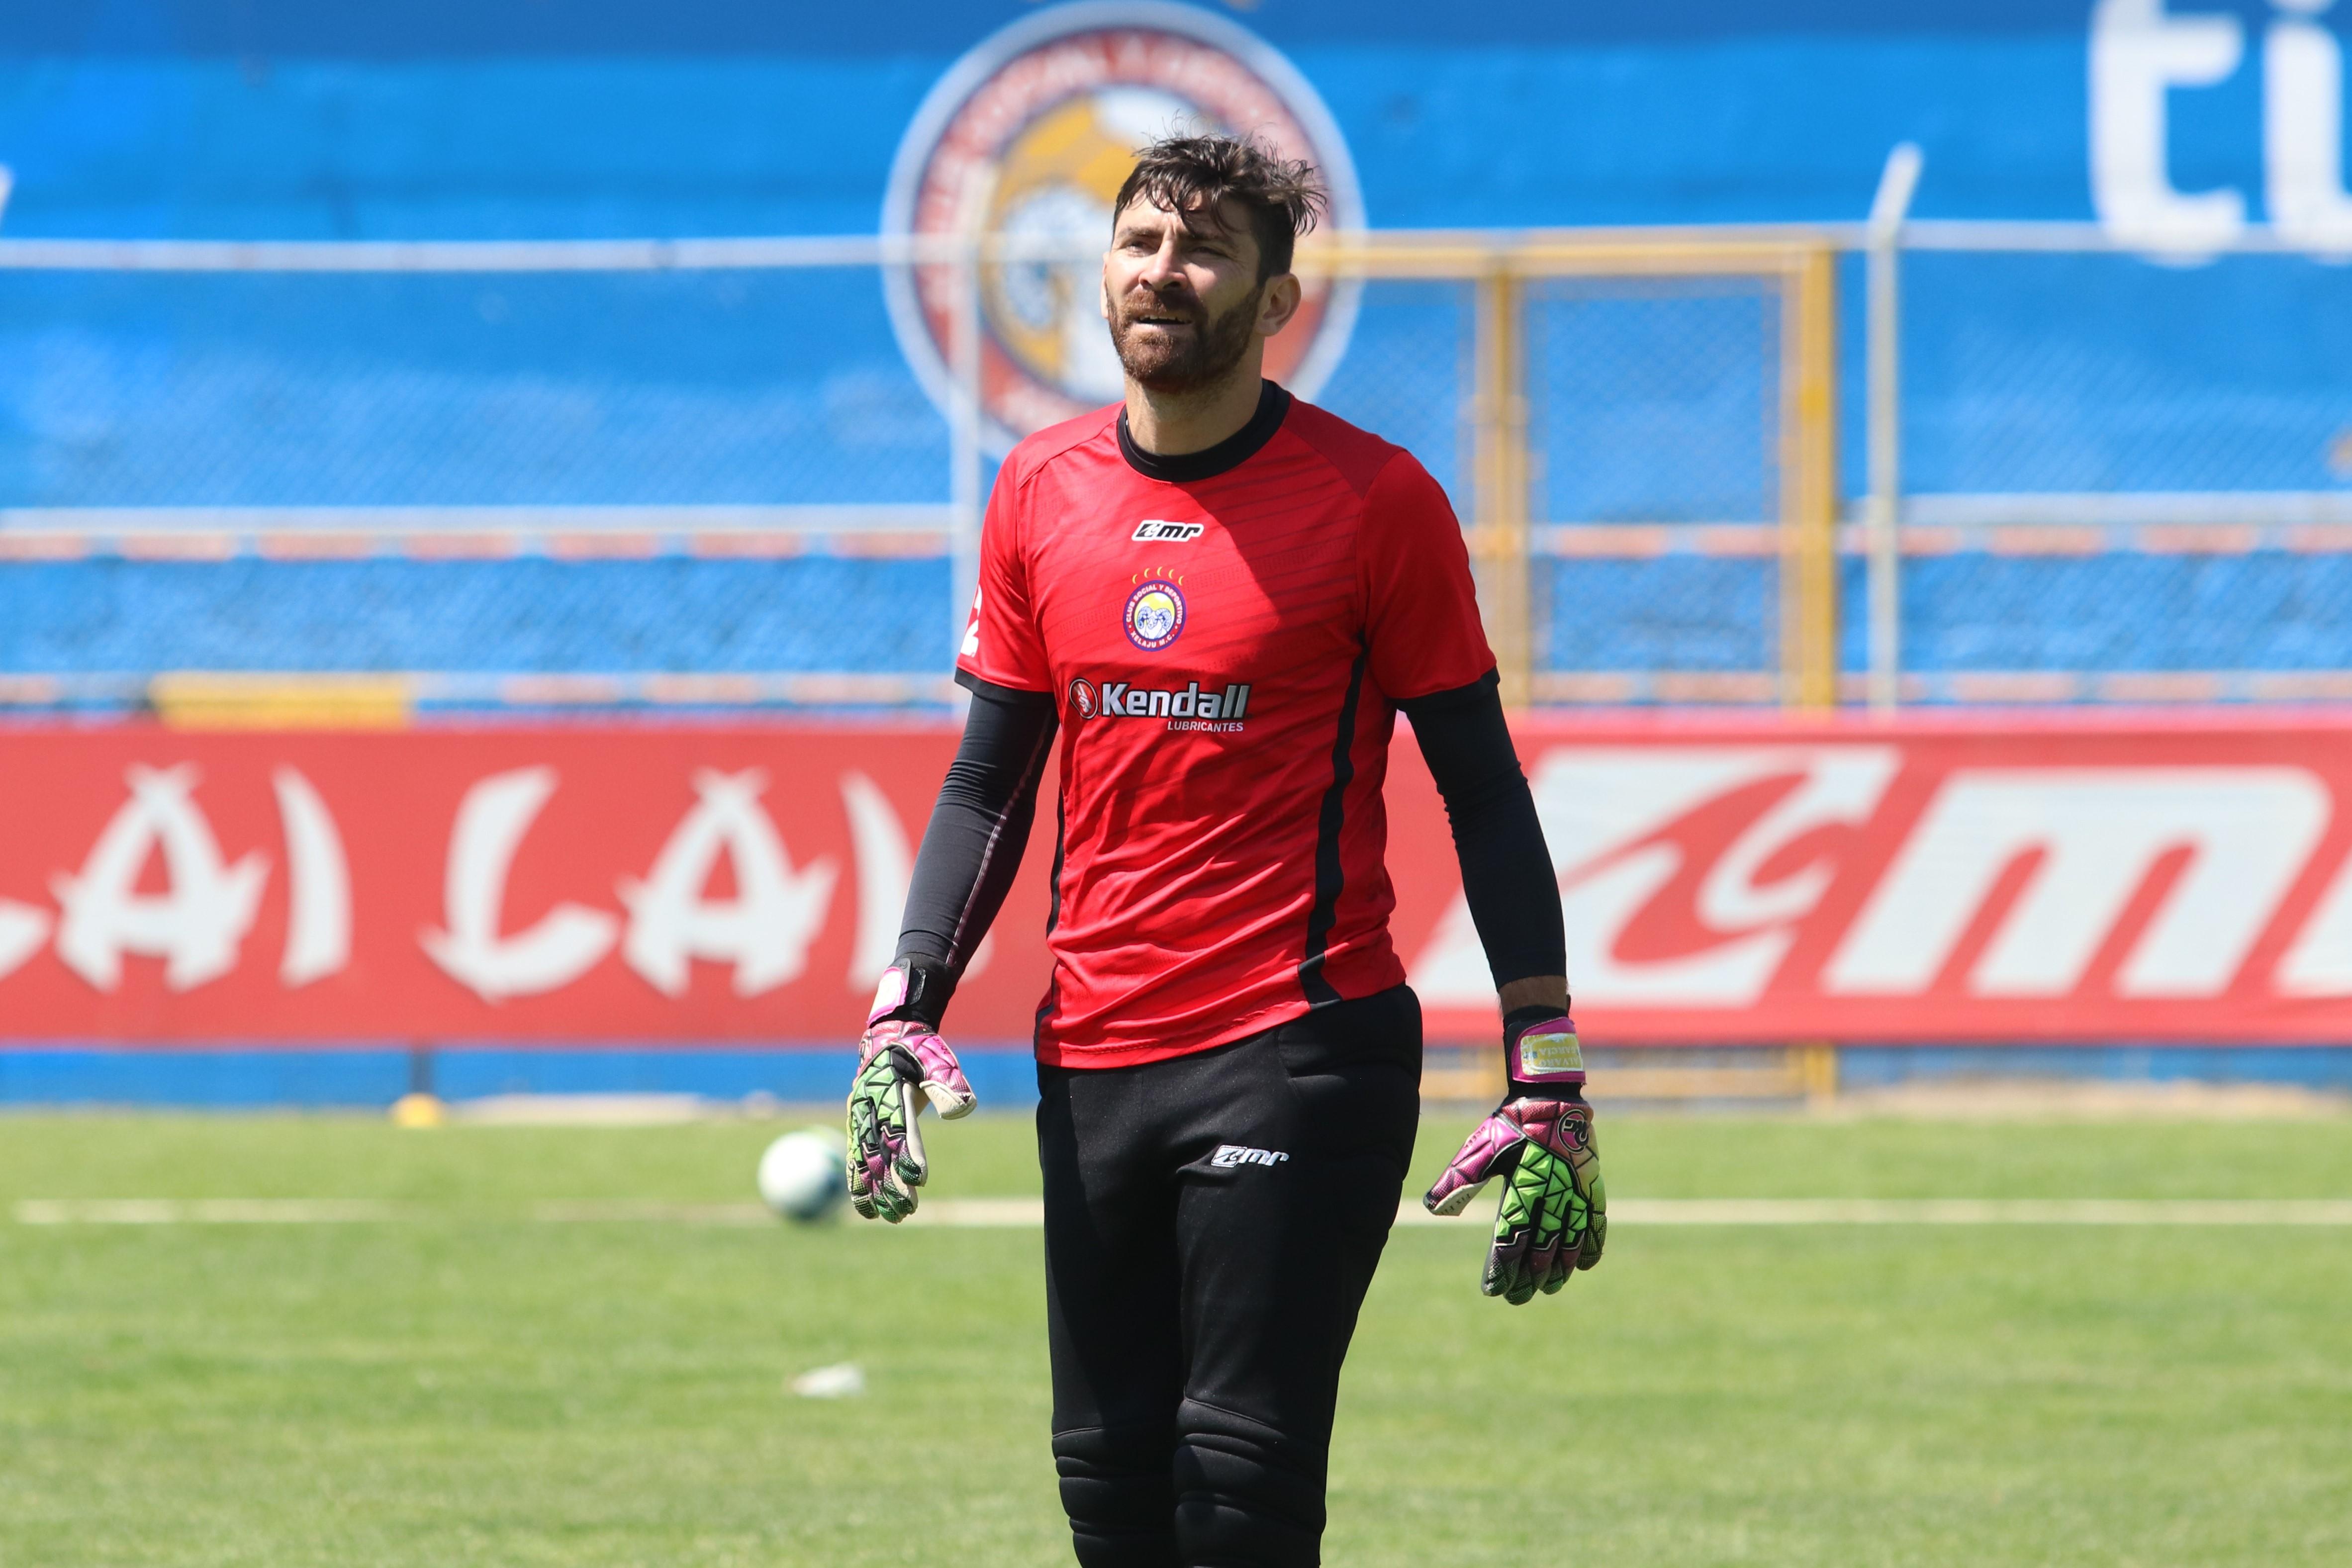 Álvaro García fichó este semestre para Xelajú con el objetivo de buscar su primer campeonato en Guatemala. (Foto Prensa Libre: Raúl Juárez)